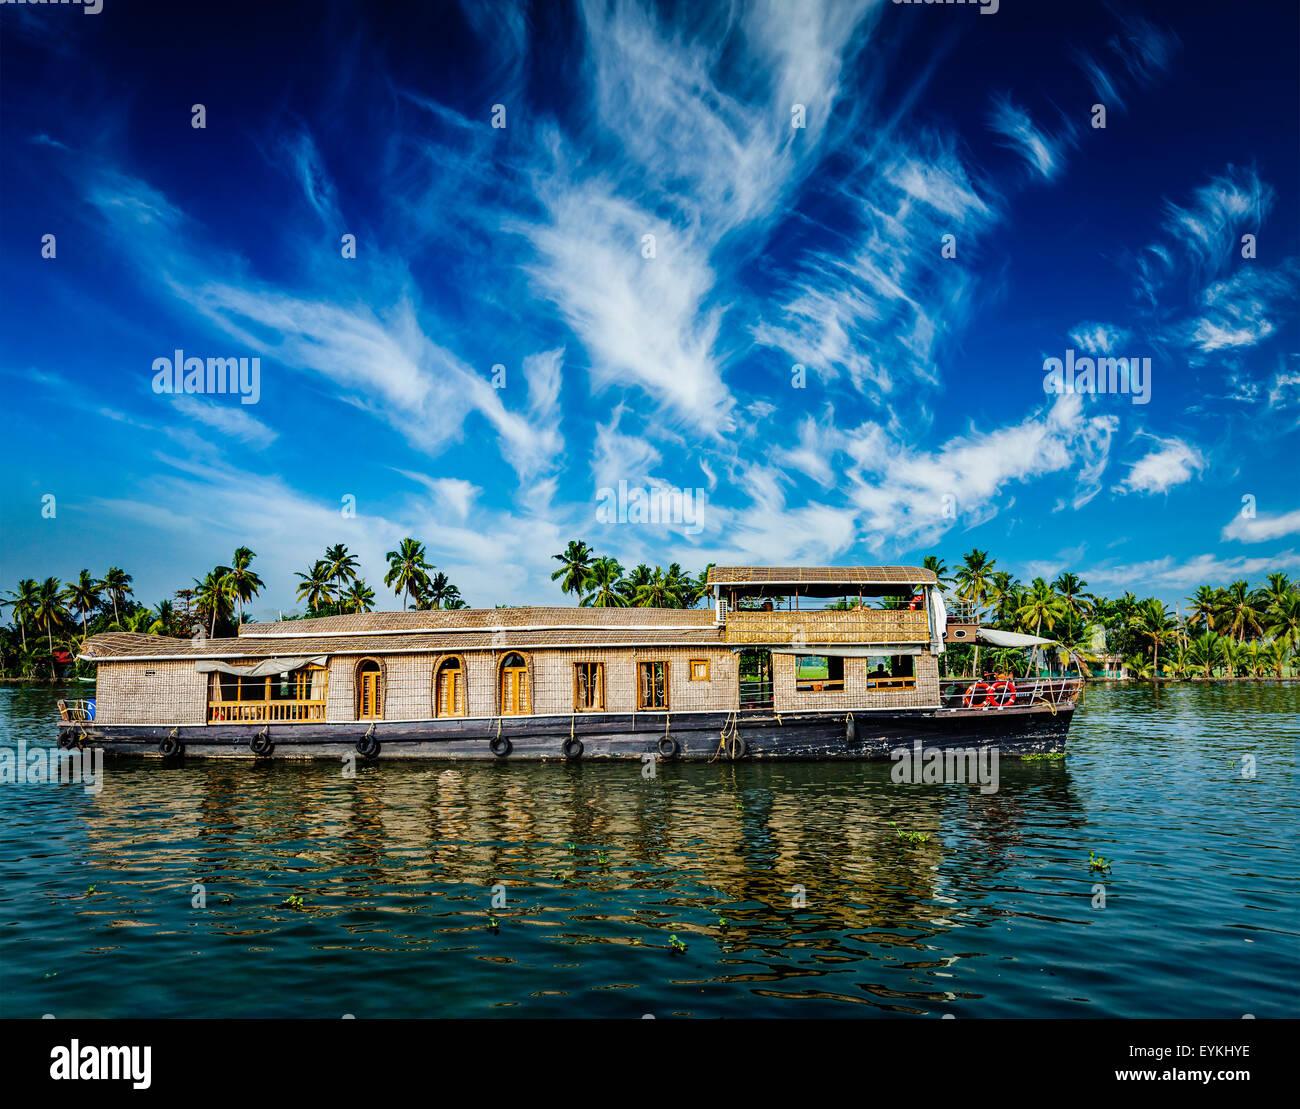 Kerala India Travel Background